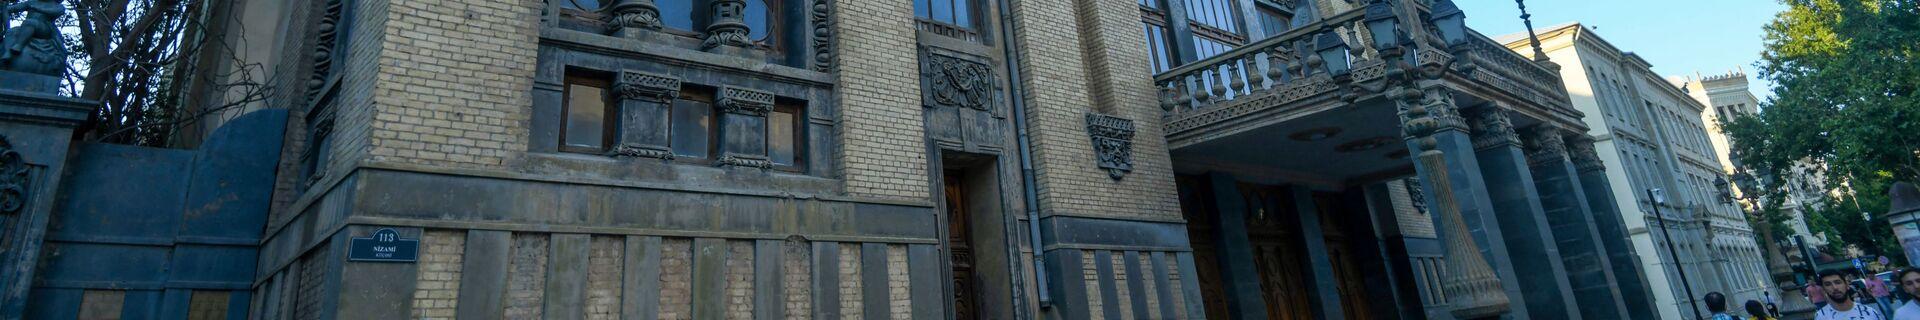 Уникальные бакинские здания, созданные в стиле модерн - Sputnik Azərbaycan